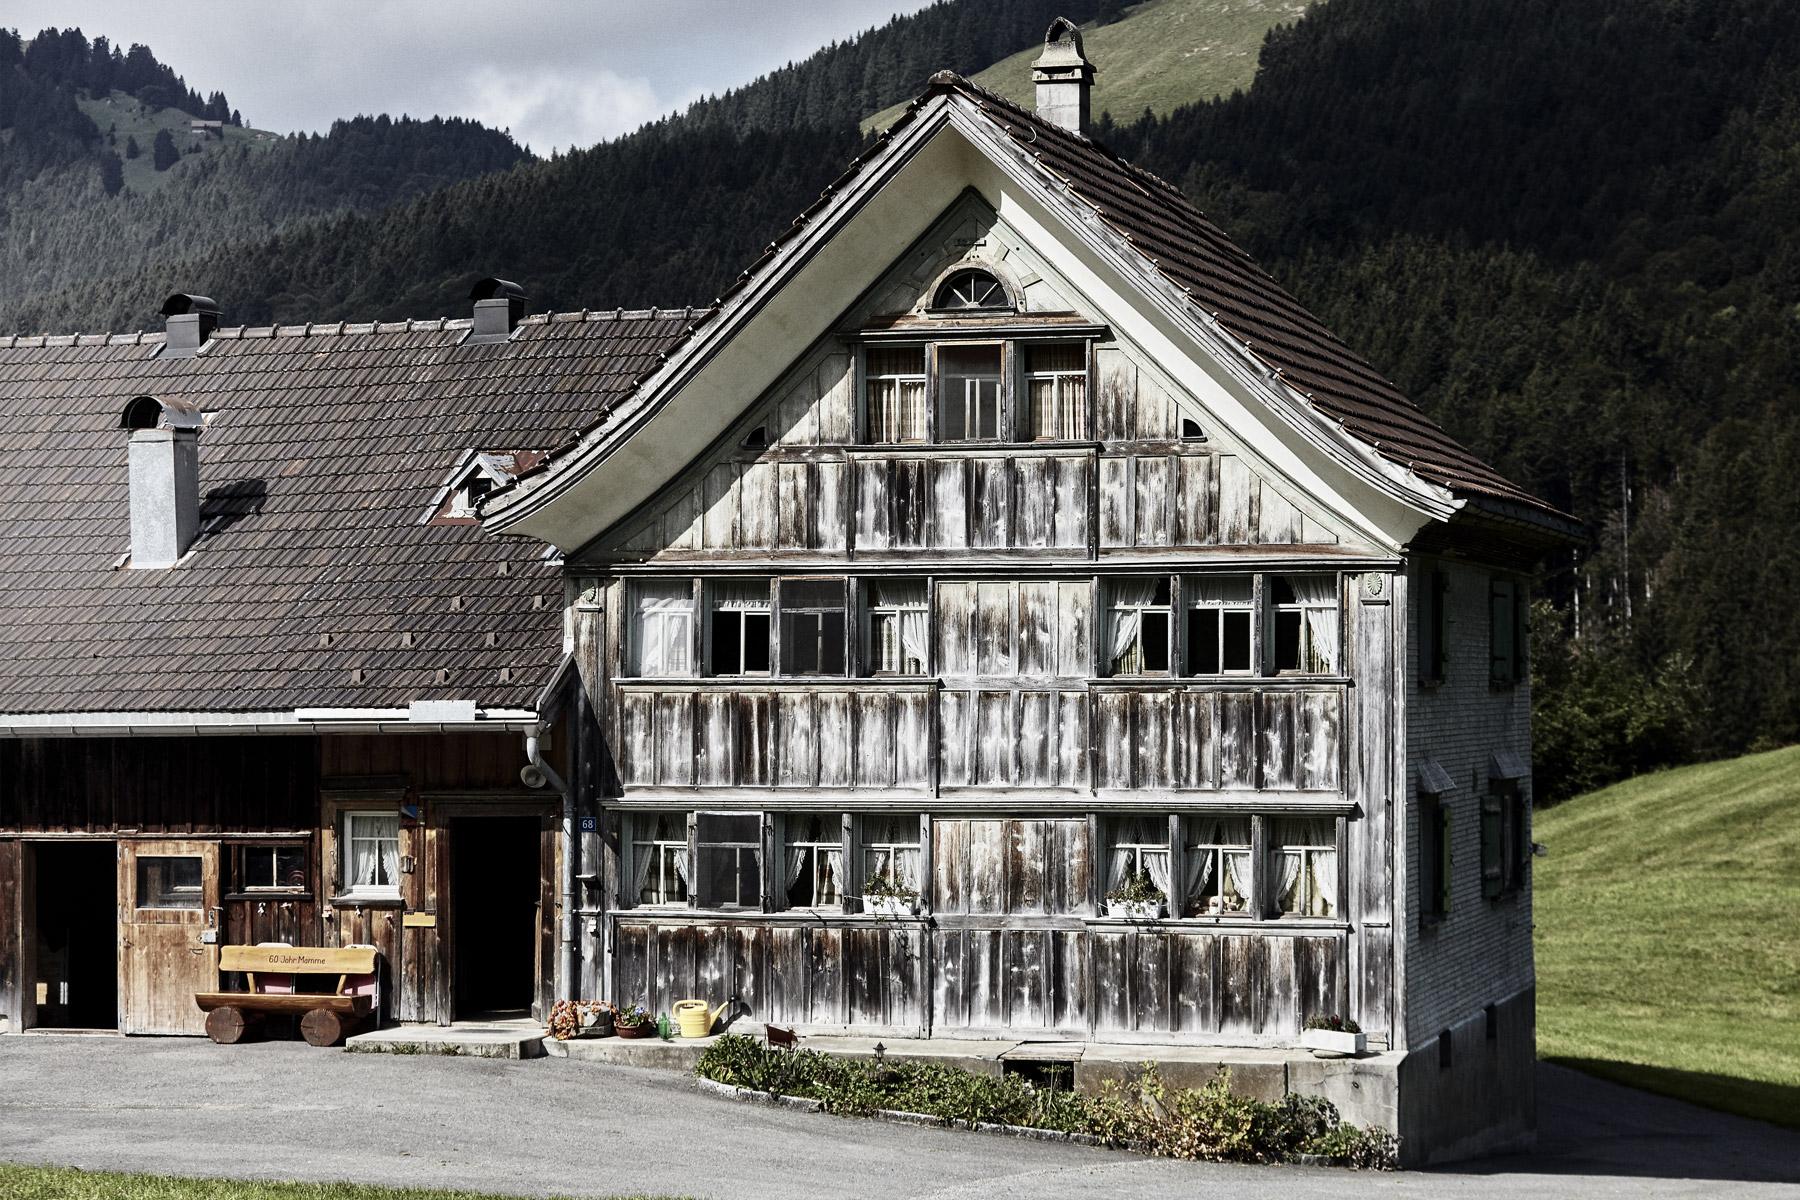 Appenzell Bauernhaus